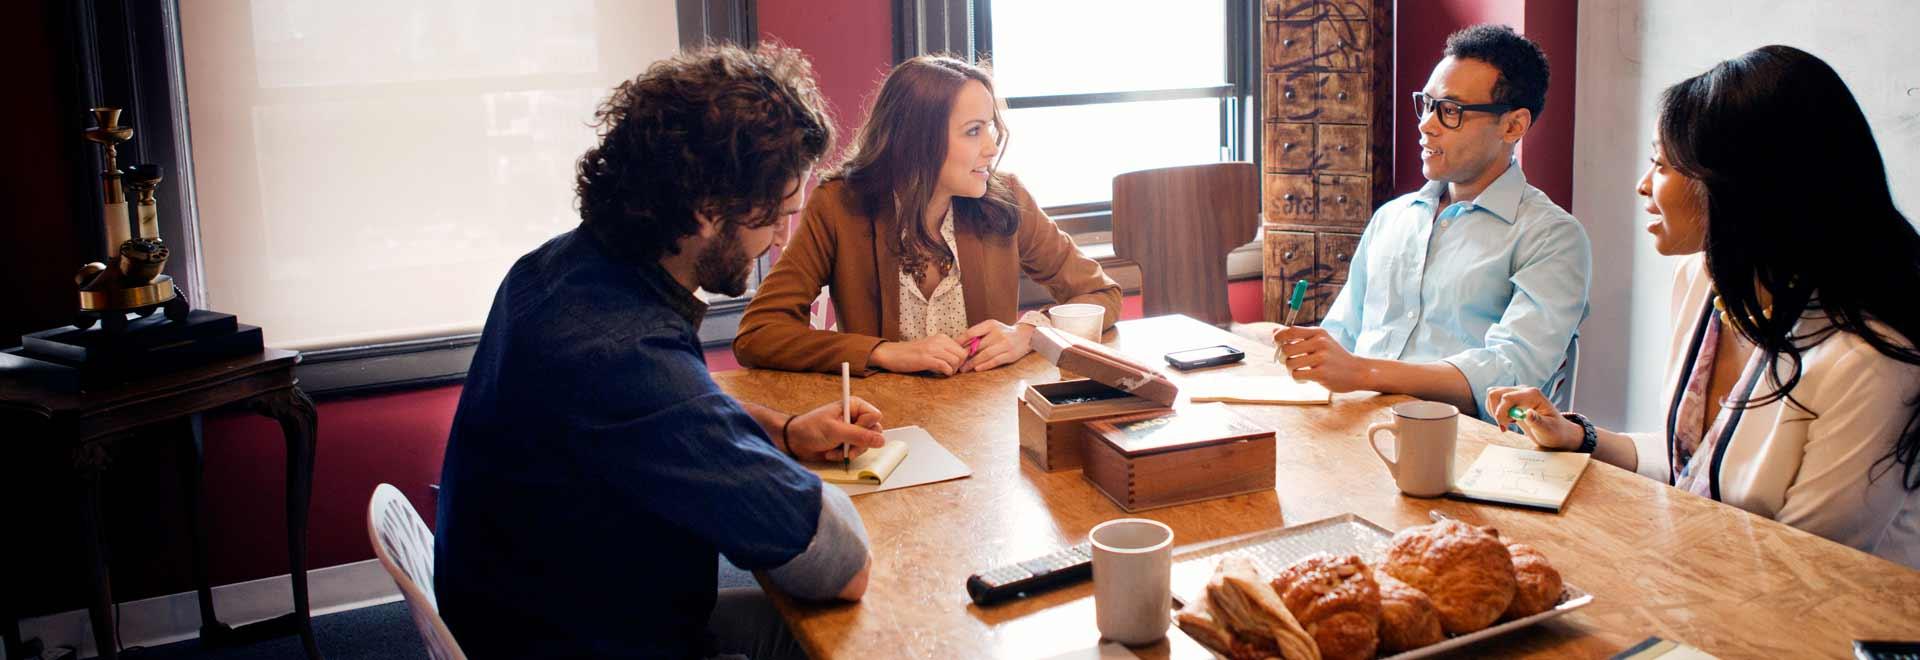 Vier mensen aan het werk in een kantoor met Office 365 Enterprise E3.